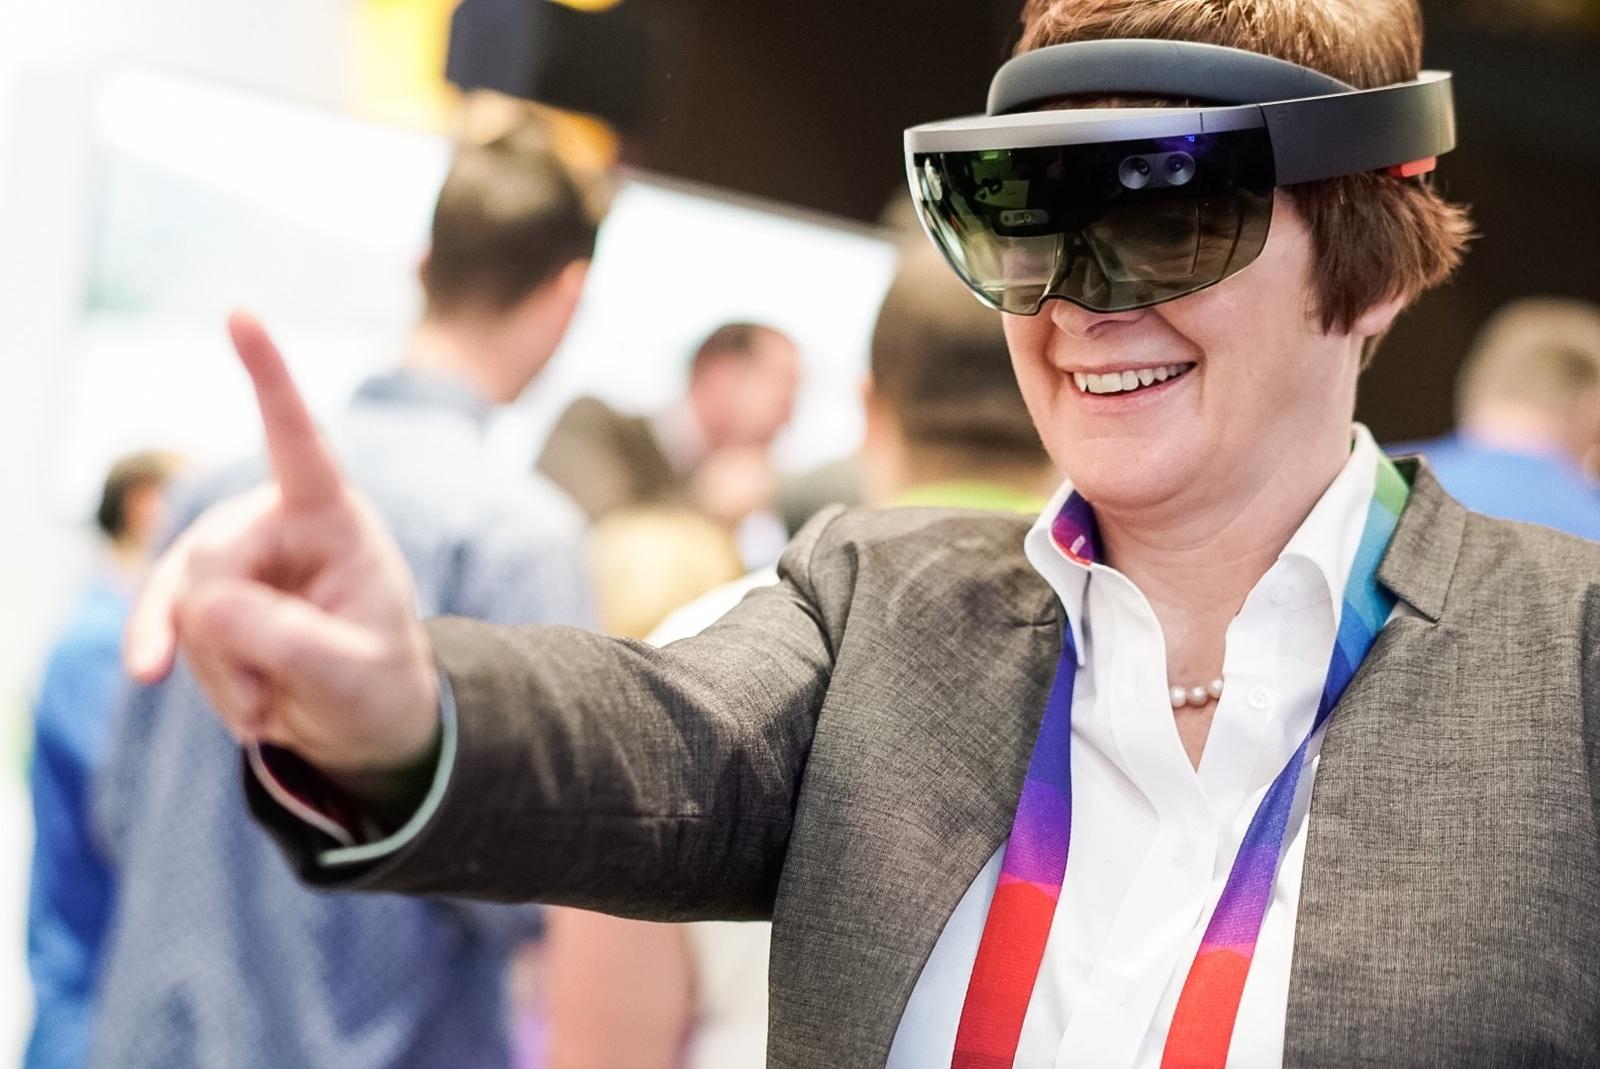 Bosch auf der CES 2017: Vernetzung erleichtert den Alltag und macht Dinge zu Partnern